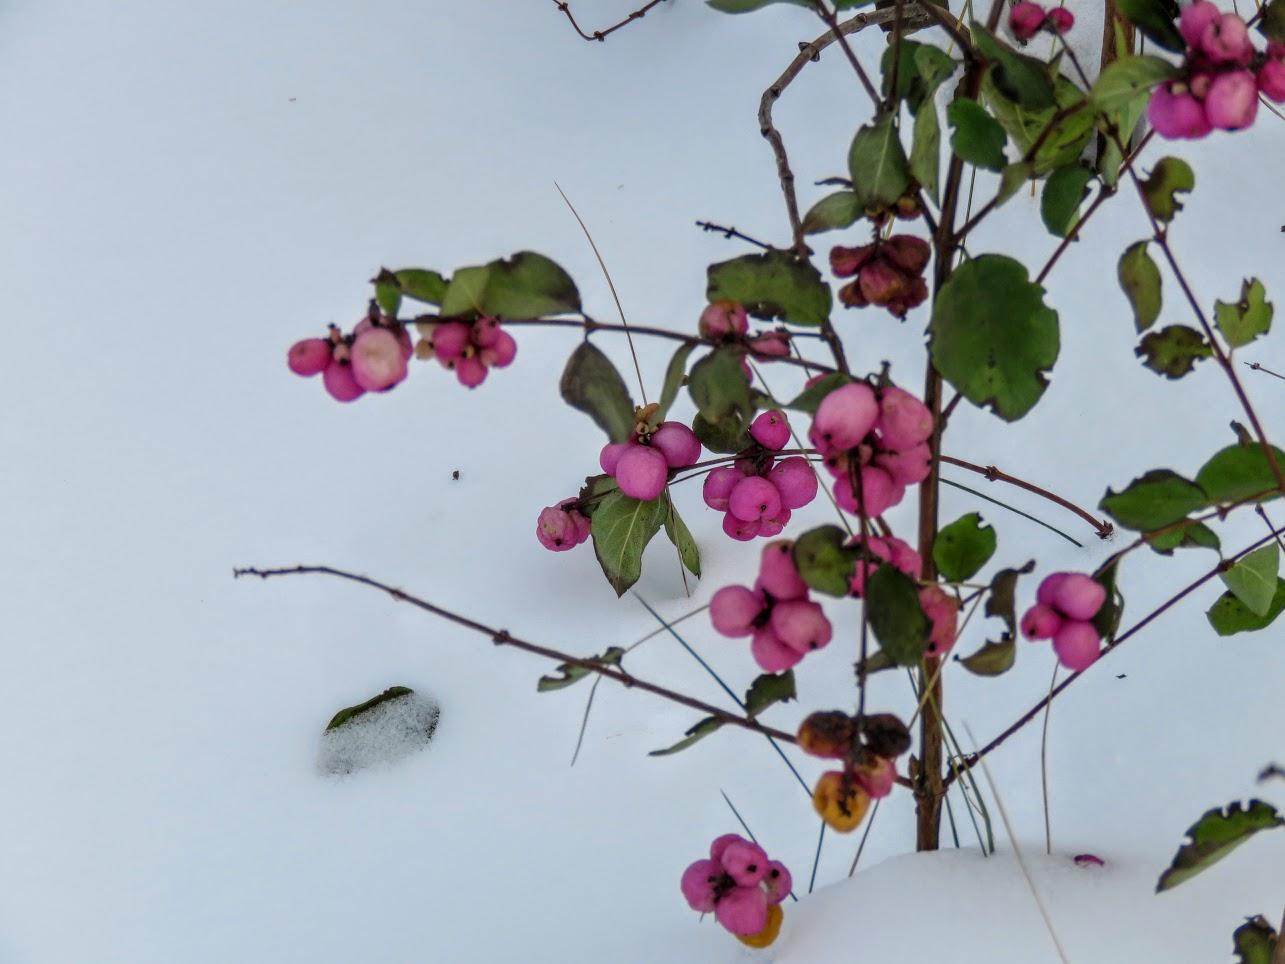 Розовый снежноягодник, снегири и другие прелести дня. Мой Мурыч с утра) IMG 2535